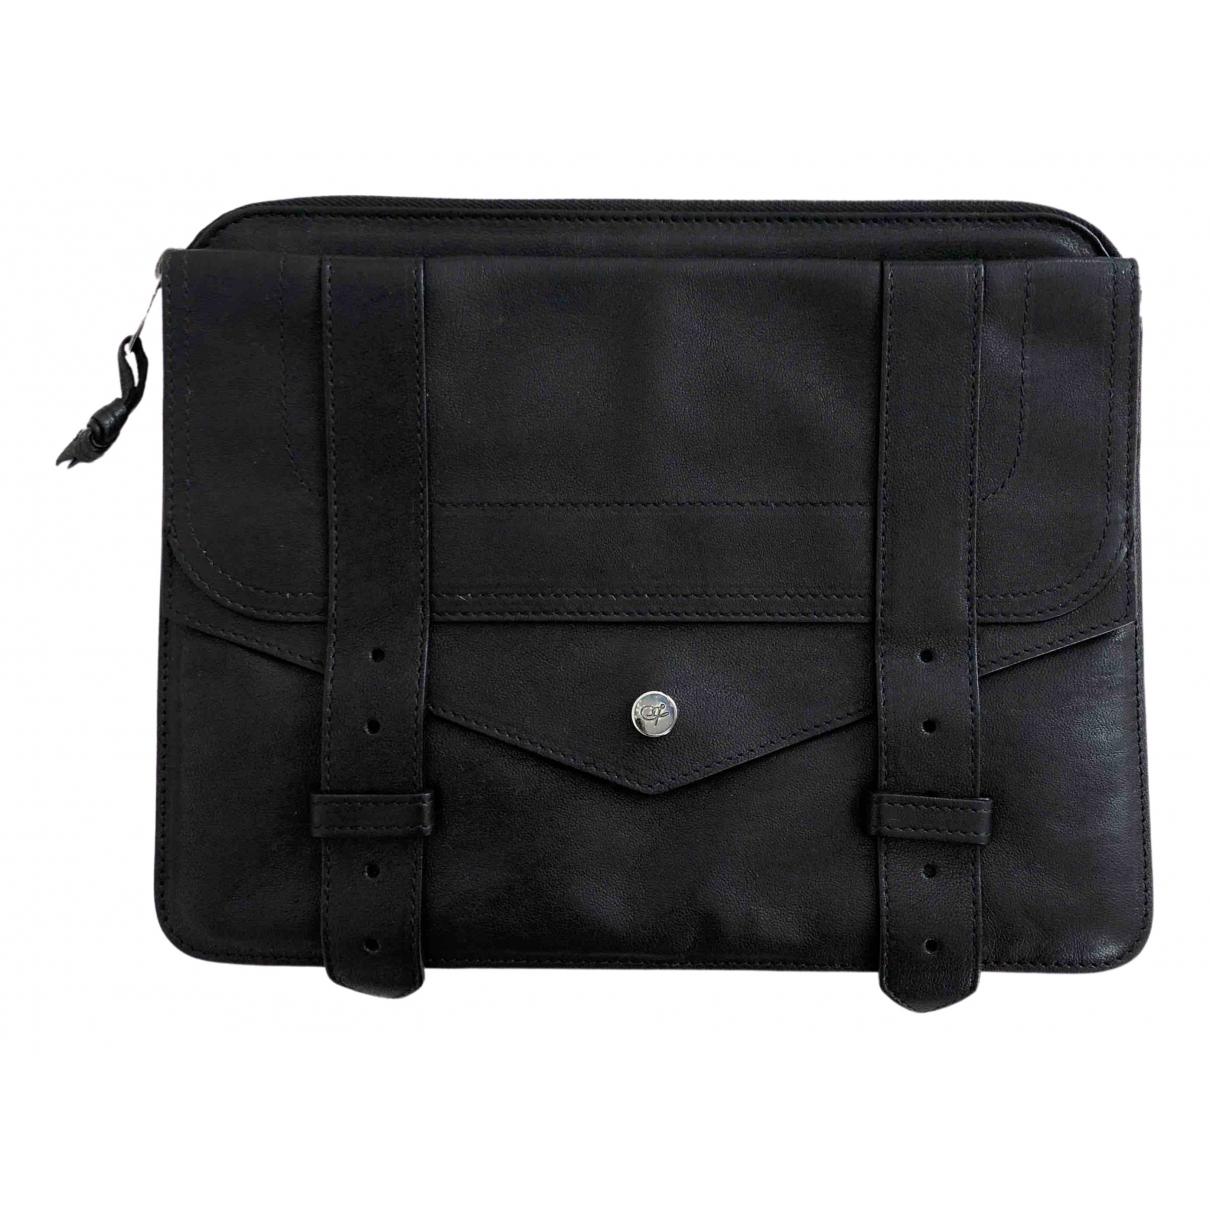 Proenza Schouler - Accessoires   pour lifestyle en cuir - noir